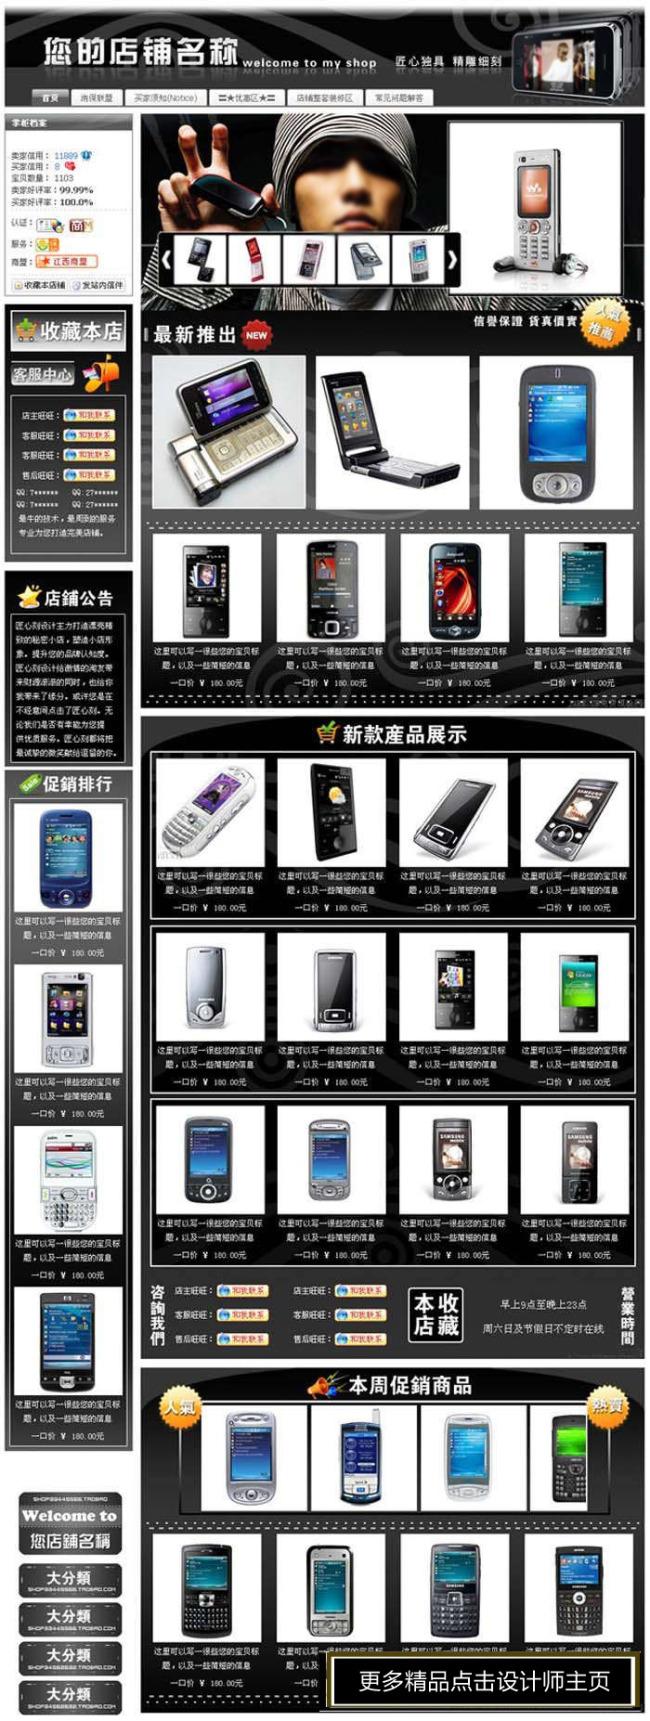 手机数码淘宝旺铺首页装修模板代码模板下载